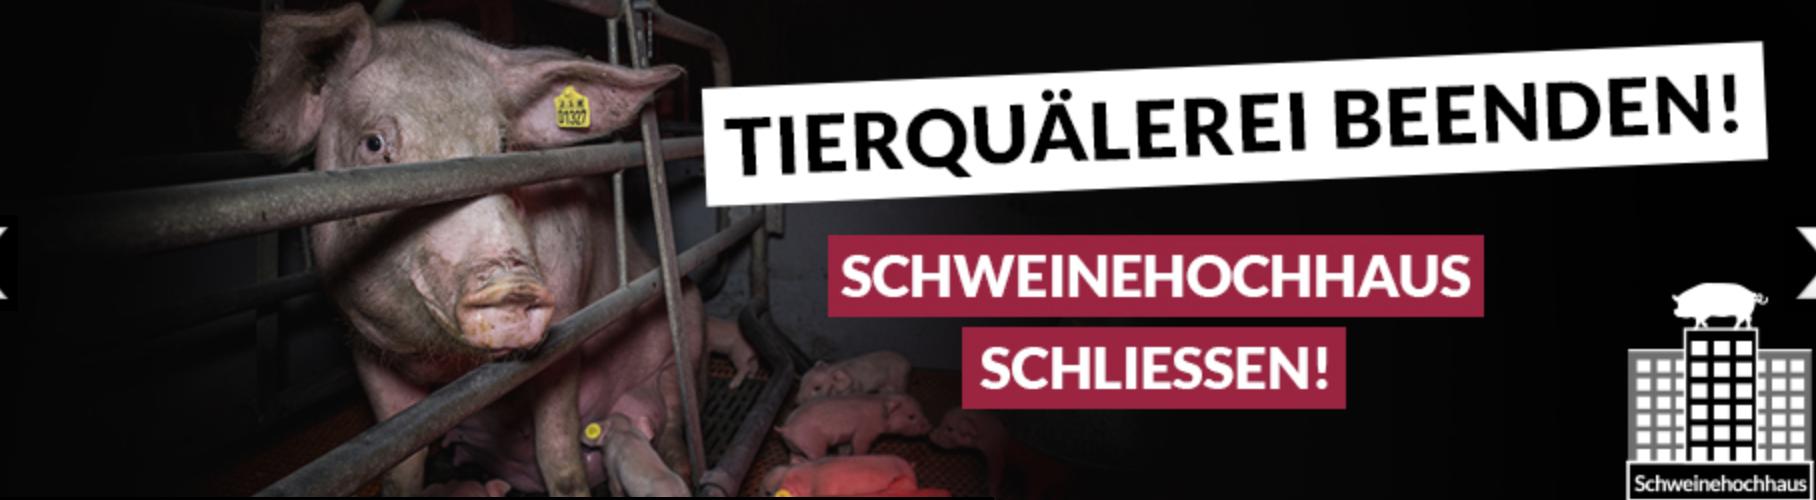 Negativpreis – Größter deutscher Tierquäler 2018 ist Schweinezüchter und Schweinehochhaus-Betreiber Michiel Taken